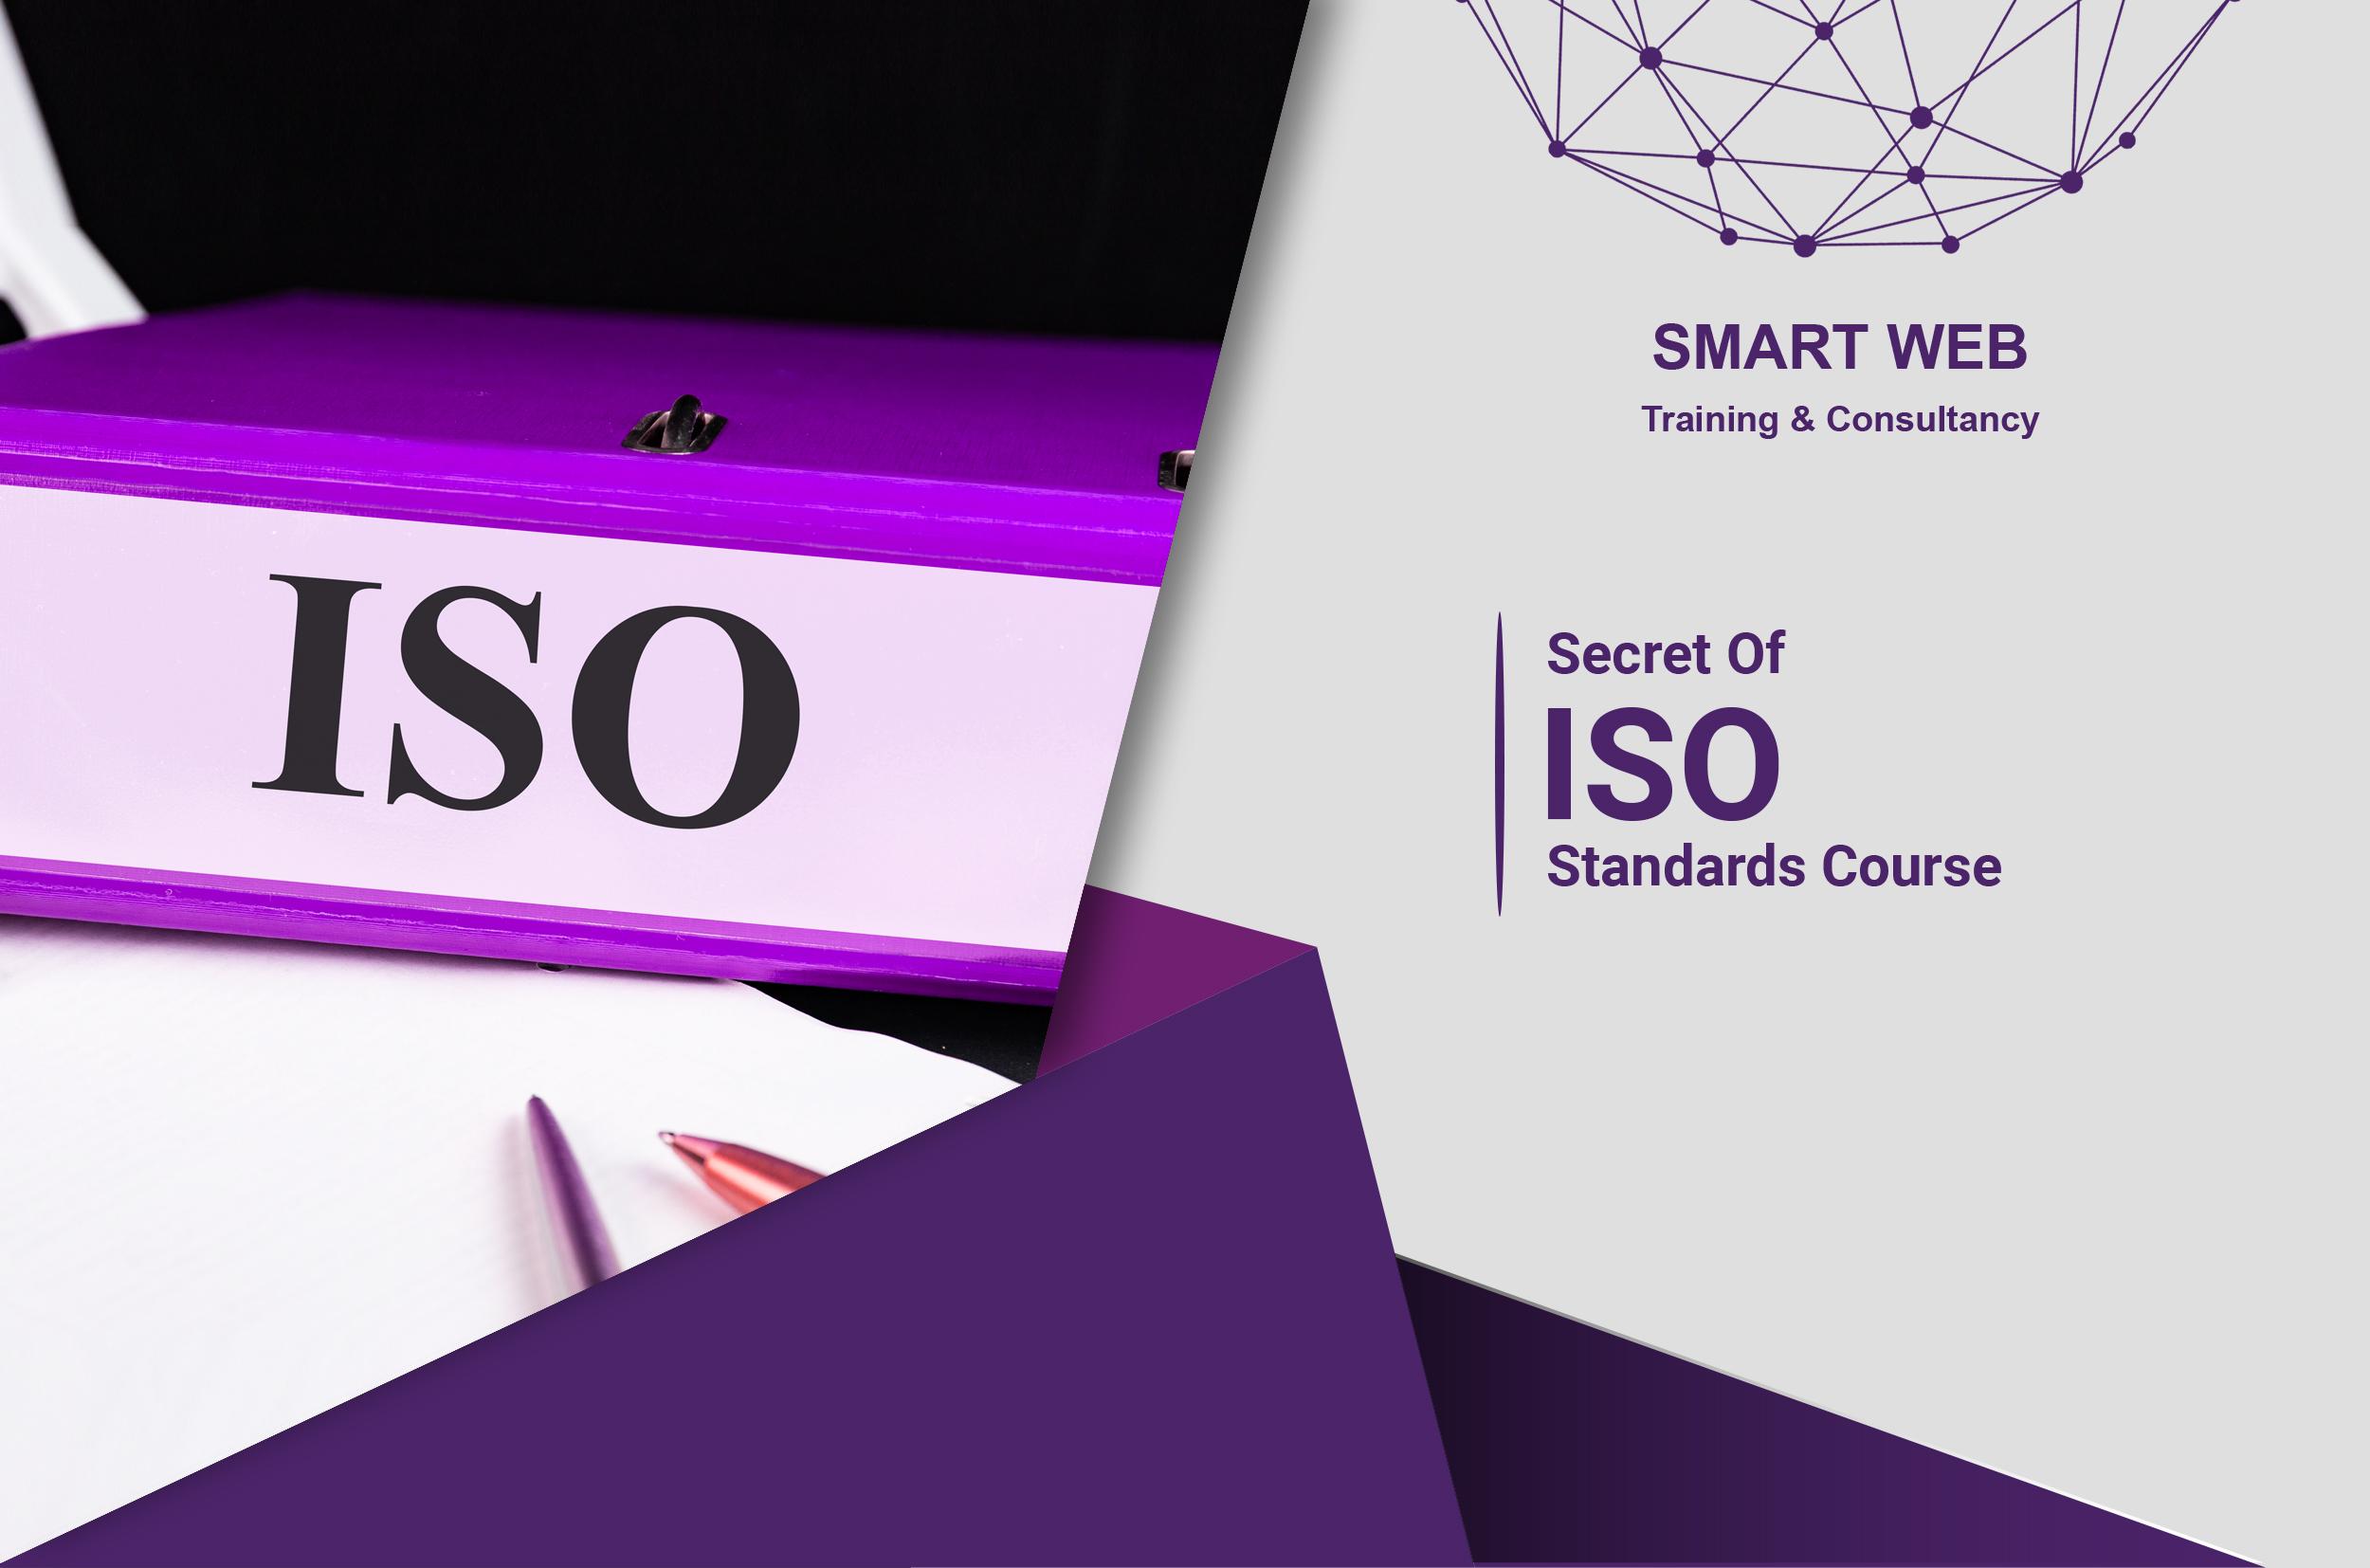 Secret of ISO standards